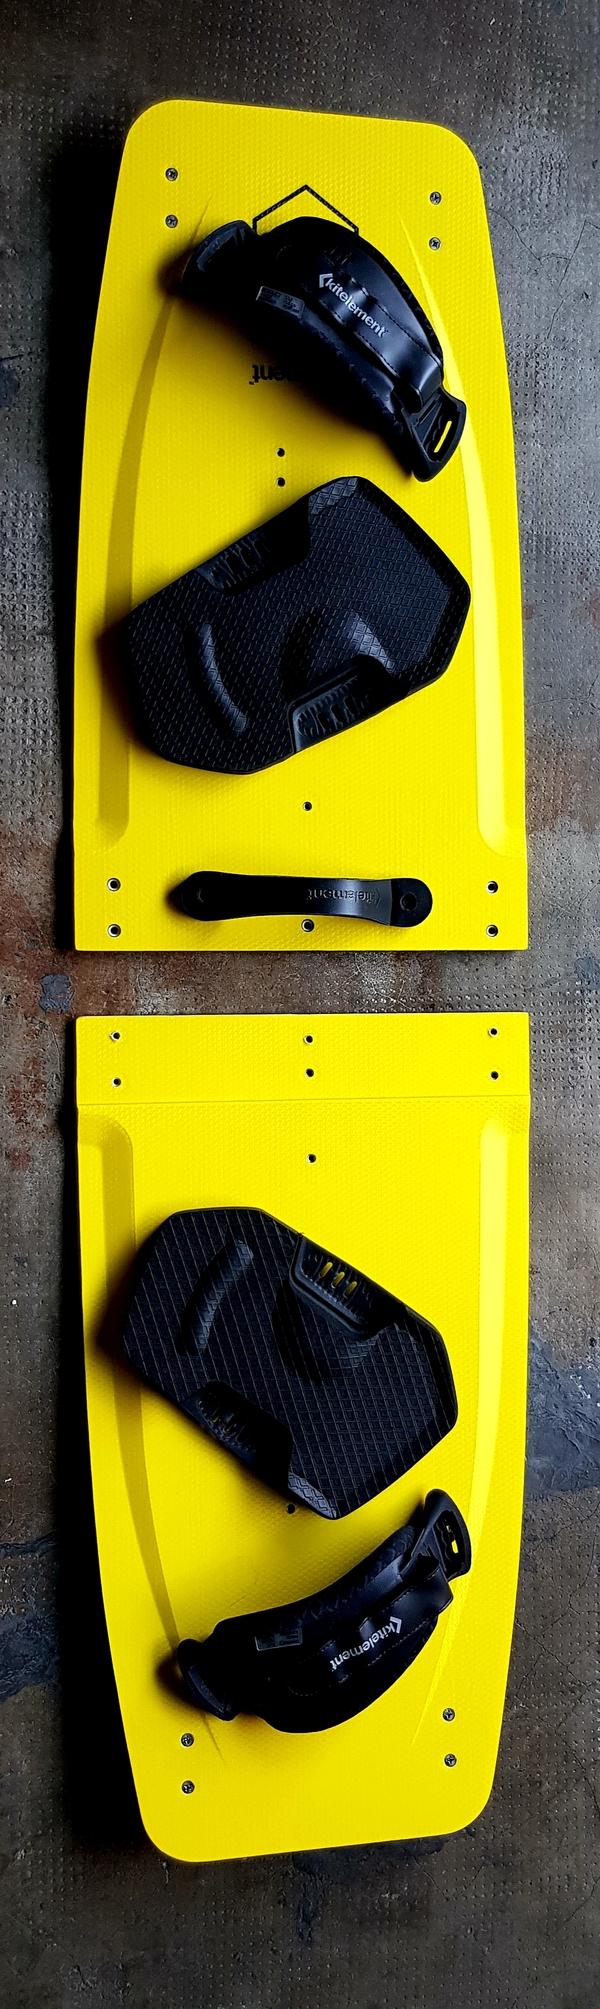 altra - Tavola divisibile Kitelement Revolt spit 136x41 Split 136x41